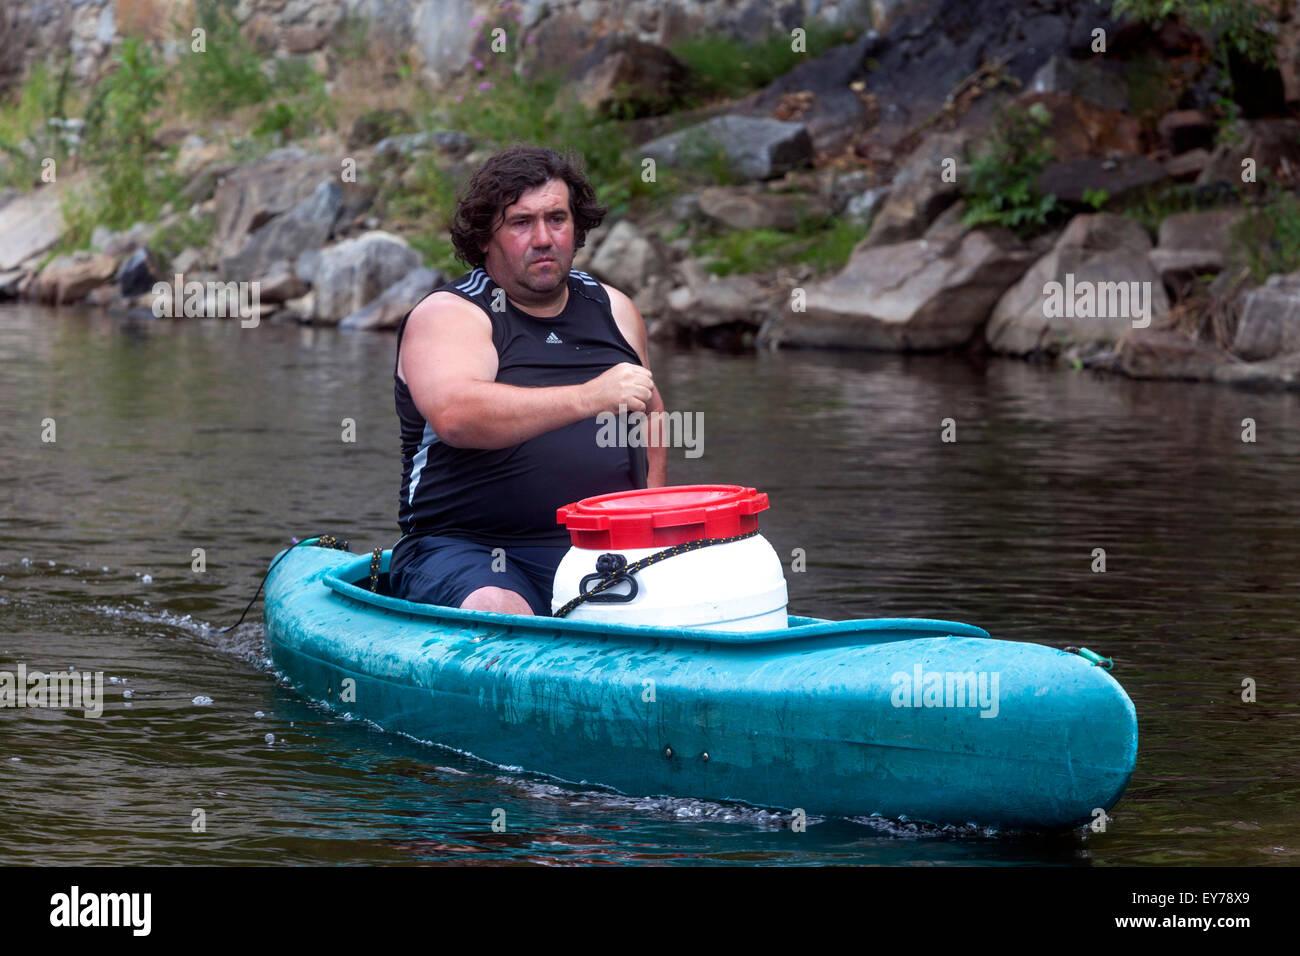 La vida activa hombre canoa río Vltava, viaje en canoa, Sur de Bohemia República Checa Imagen De Stock